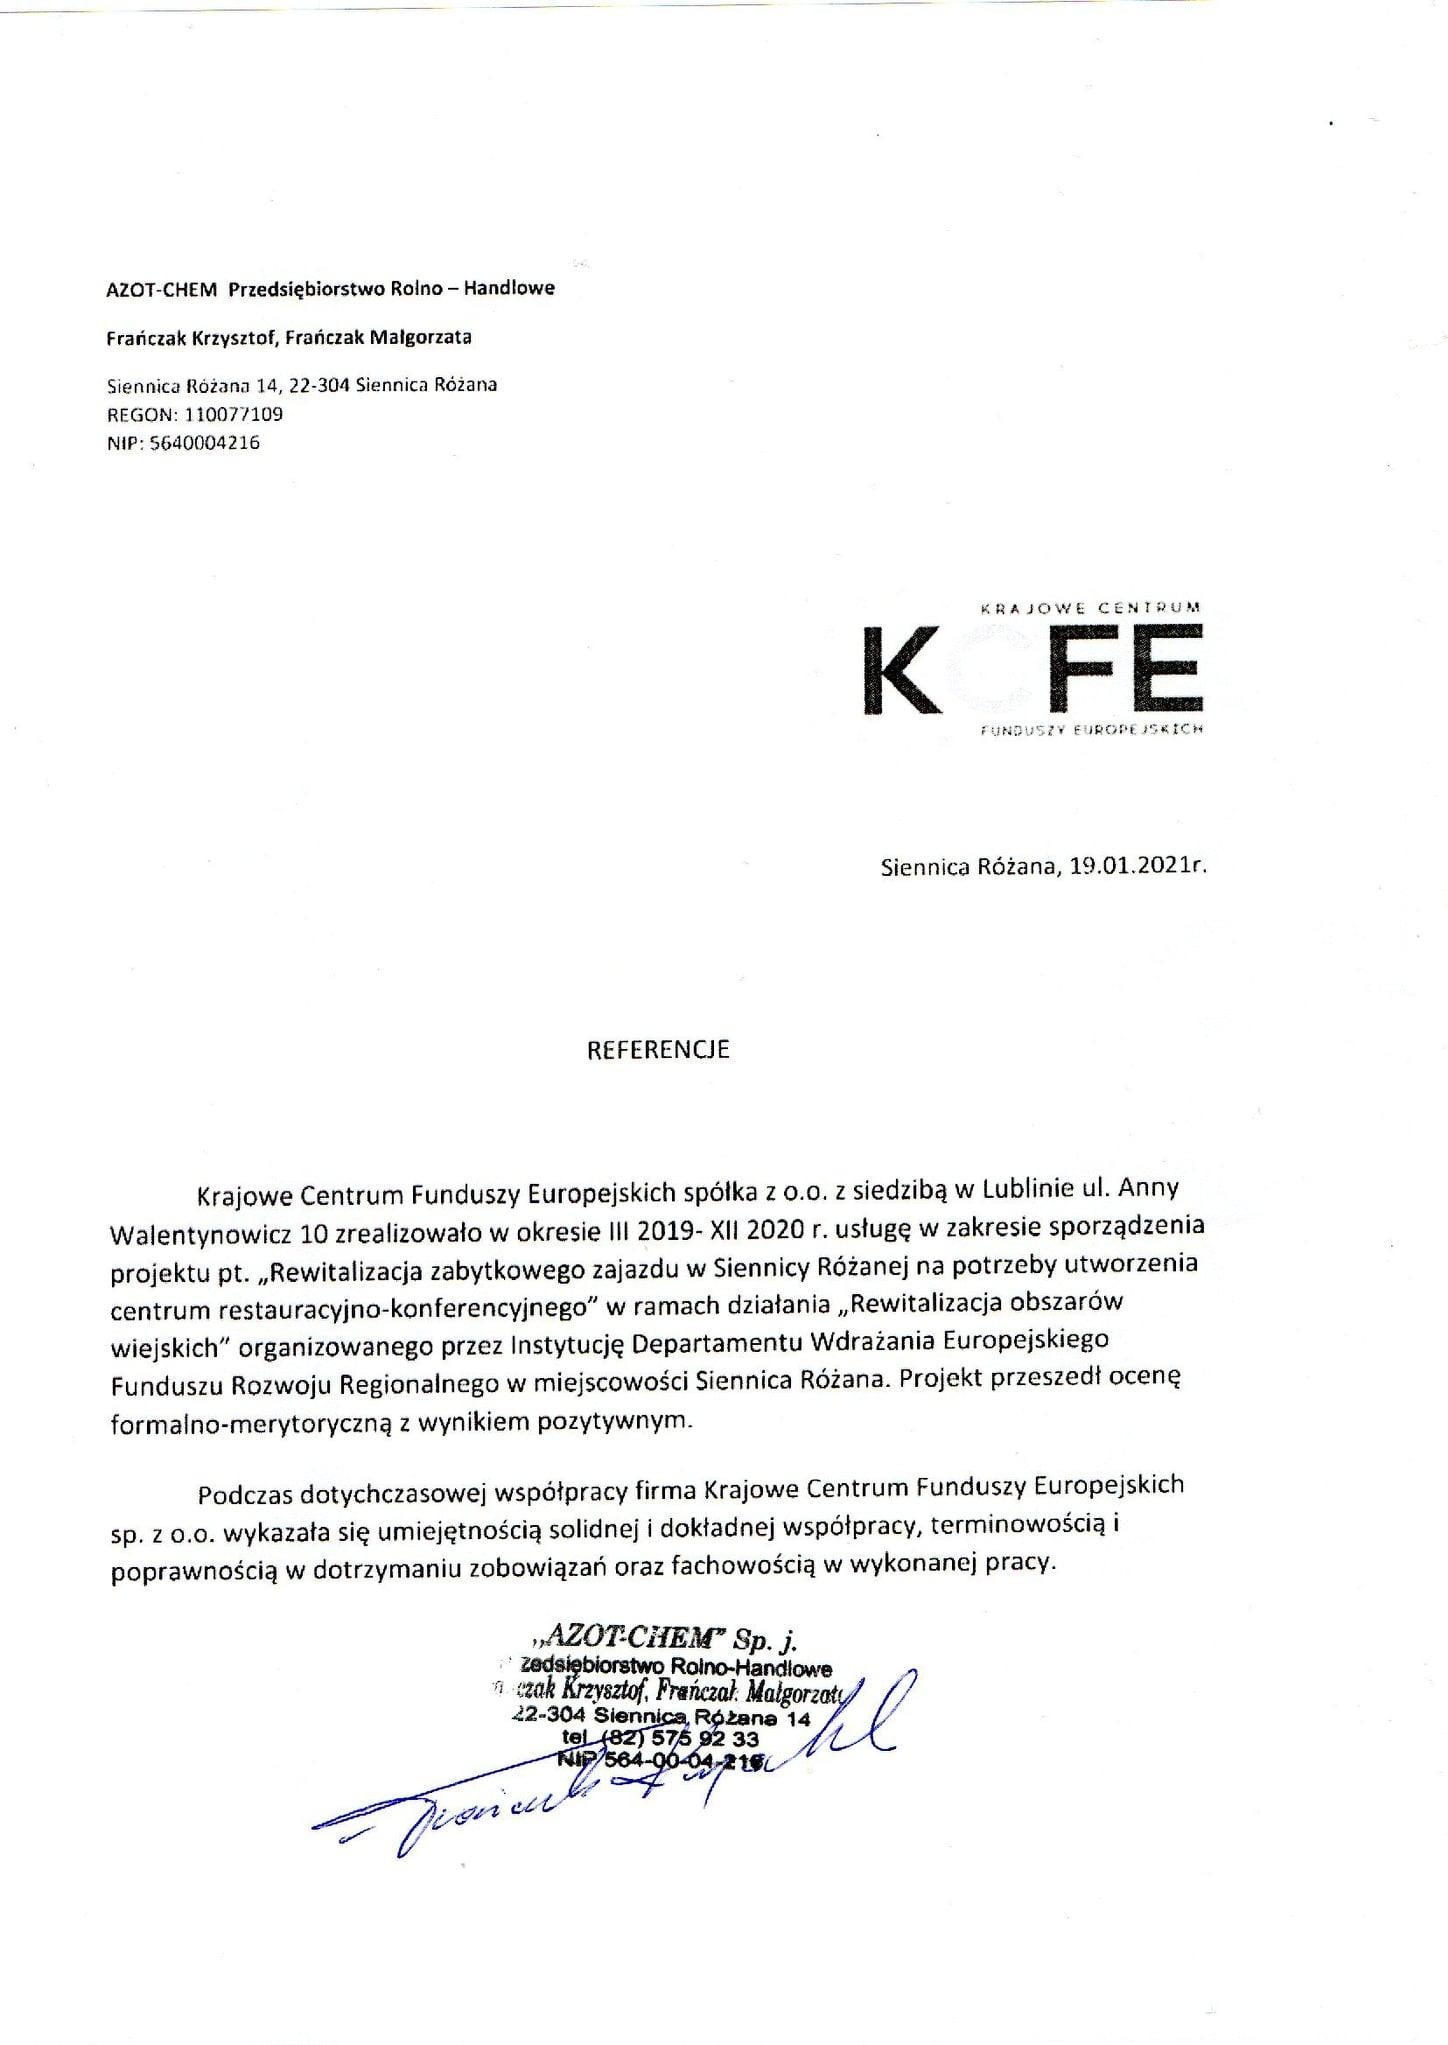 Referencje AZOT-CHEM 19.01.2021 - JPG